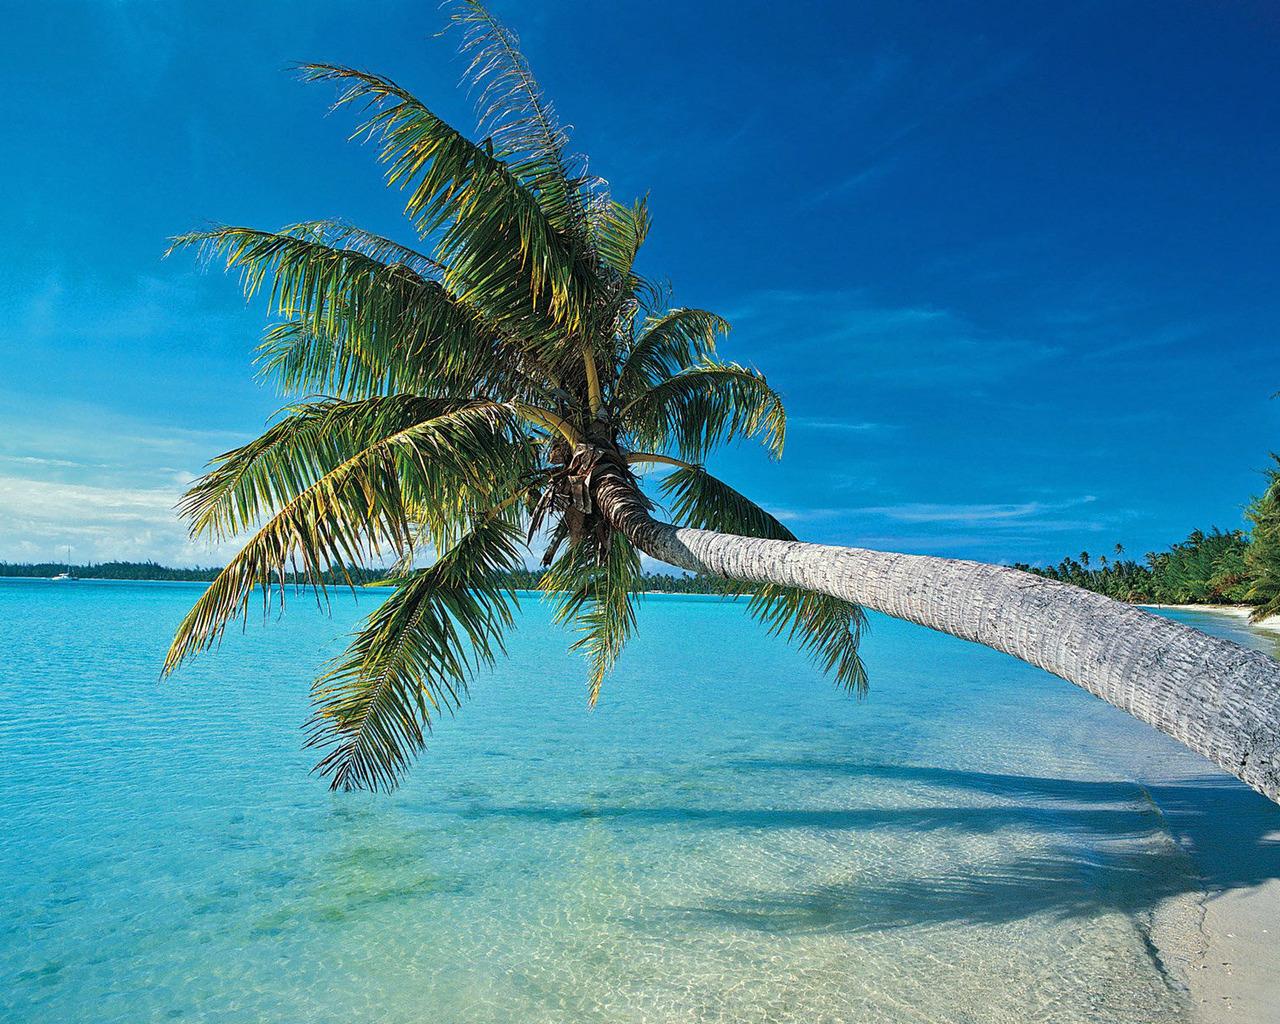 Море пальмы пляж 1280 x 1024